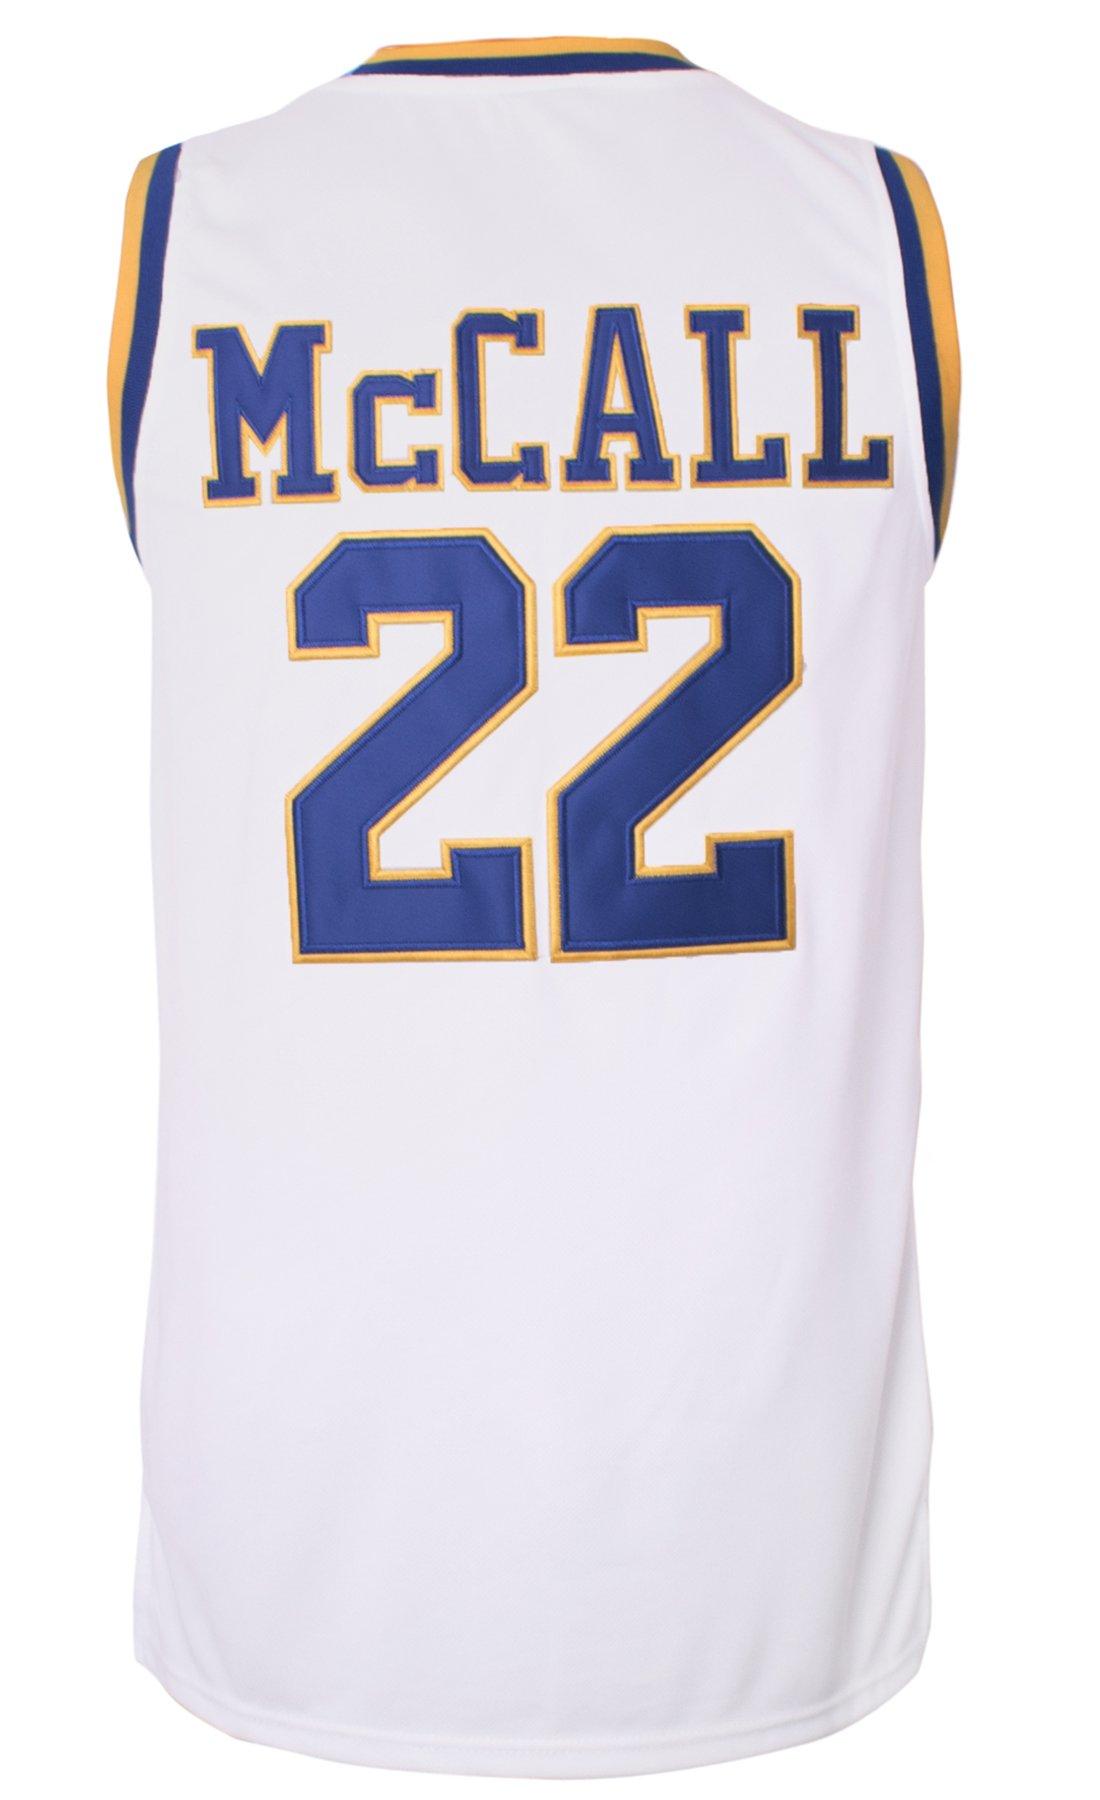 60ec251d3fb2 Quincy McCall 22 White Basketball Jersey (M) - 16011701B   Jerseys   Sports    Outdoors - tibs